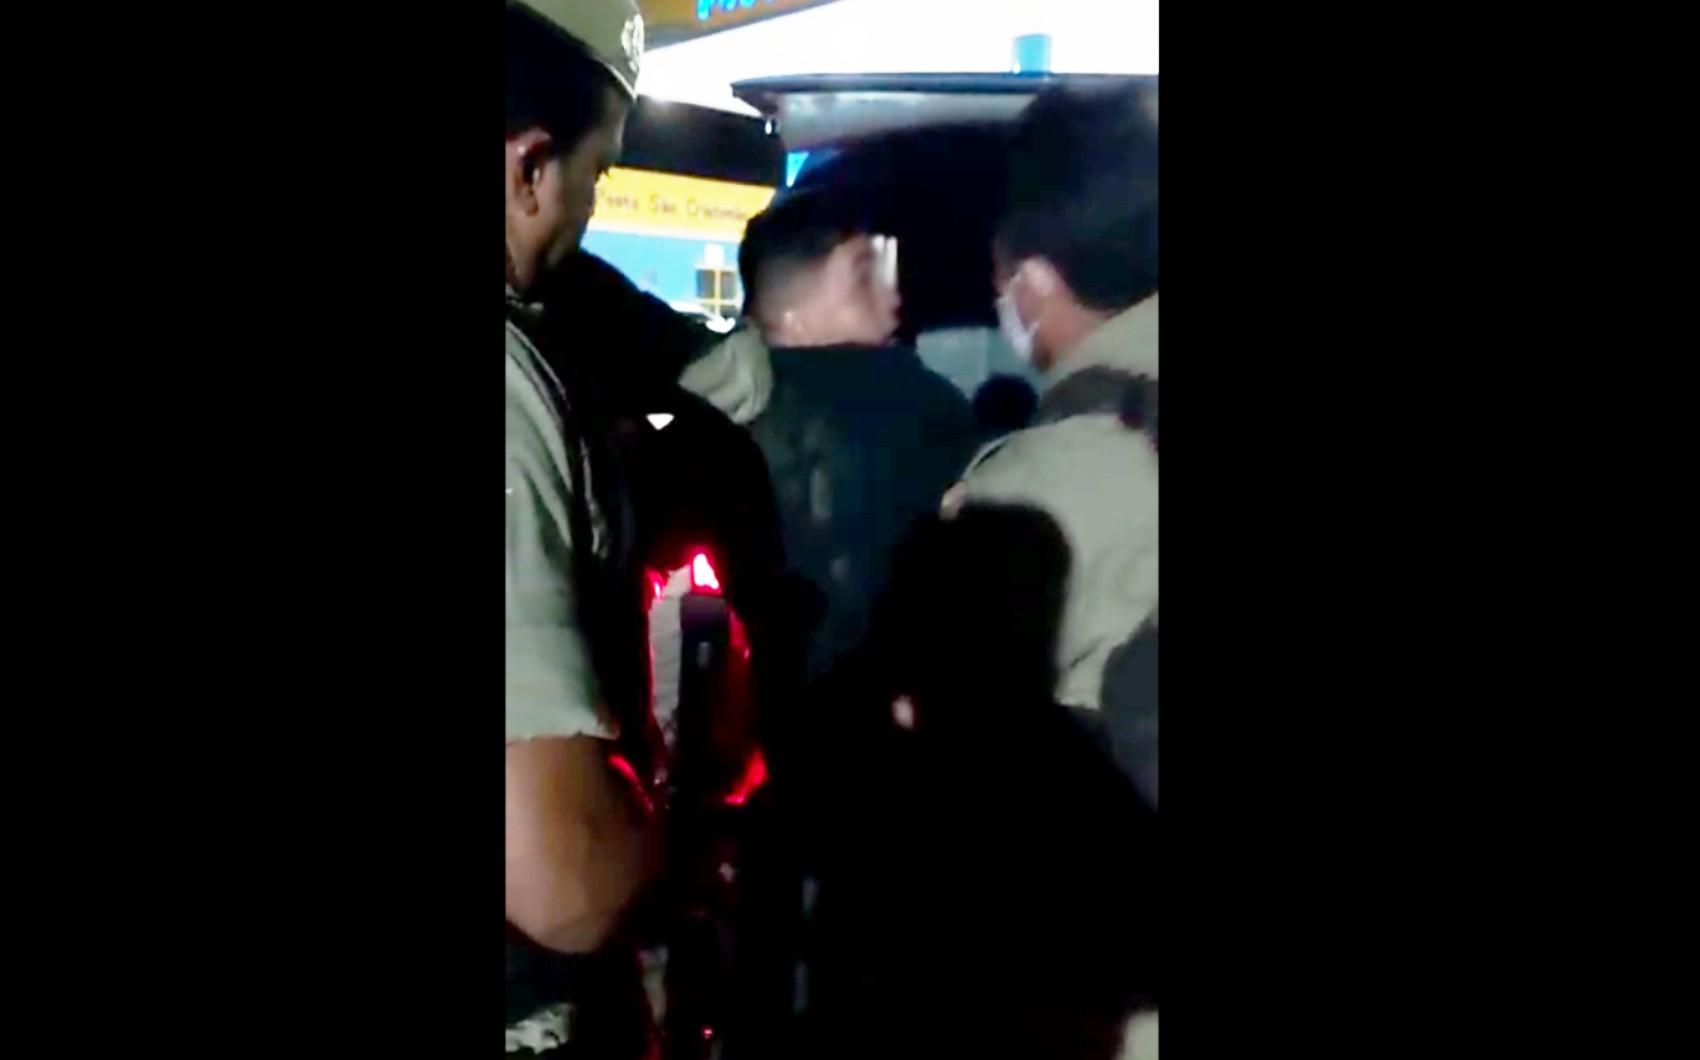 VÍDEO: Bombeiro é preso após furar abordagem policial na BA e ameaçar PMs: 'Vocês vão se arrepender'